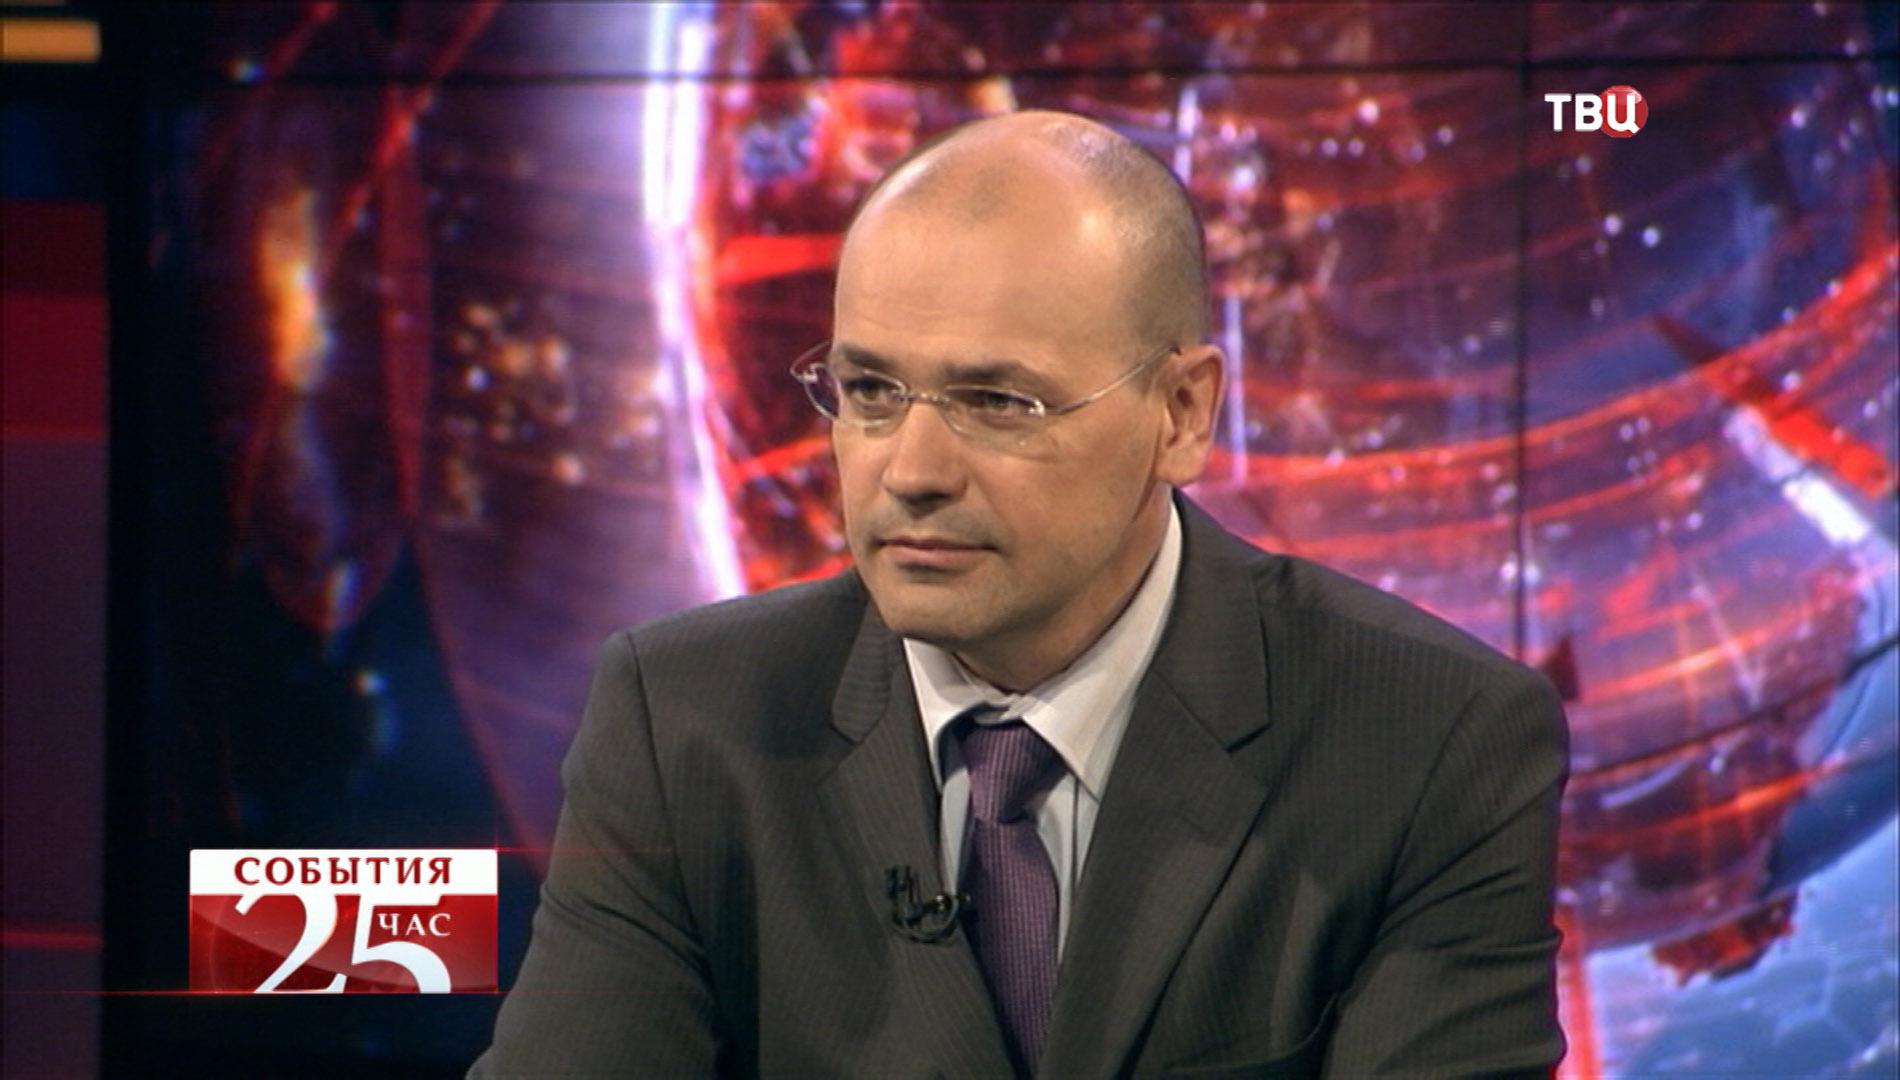 Первый проректор Финансового института при правительстве РФ Константин Симонов